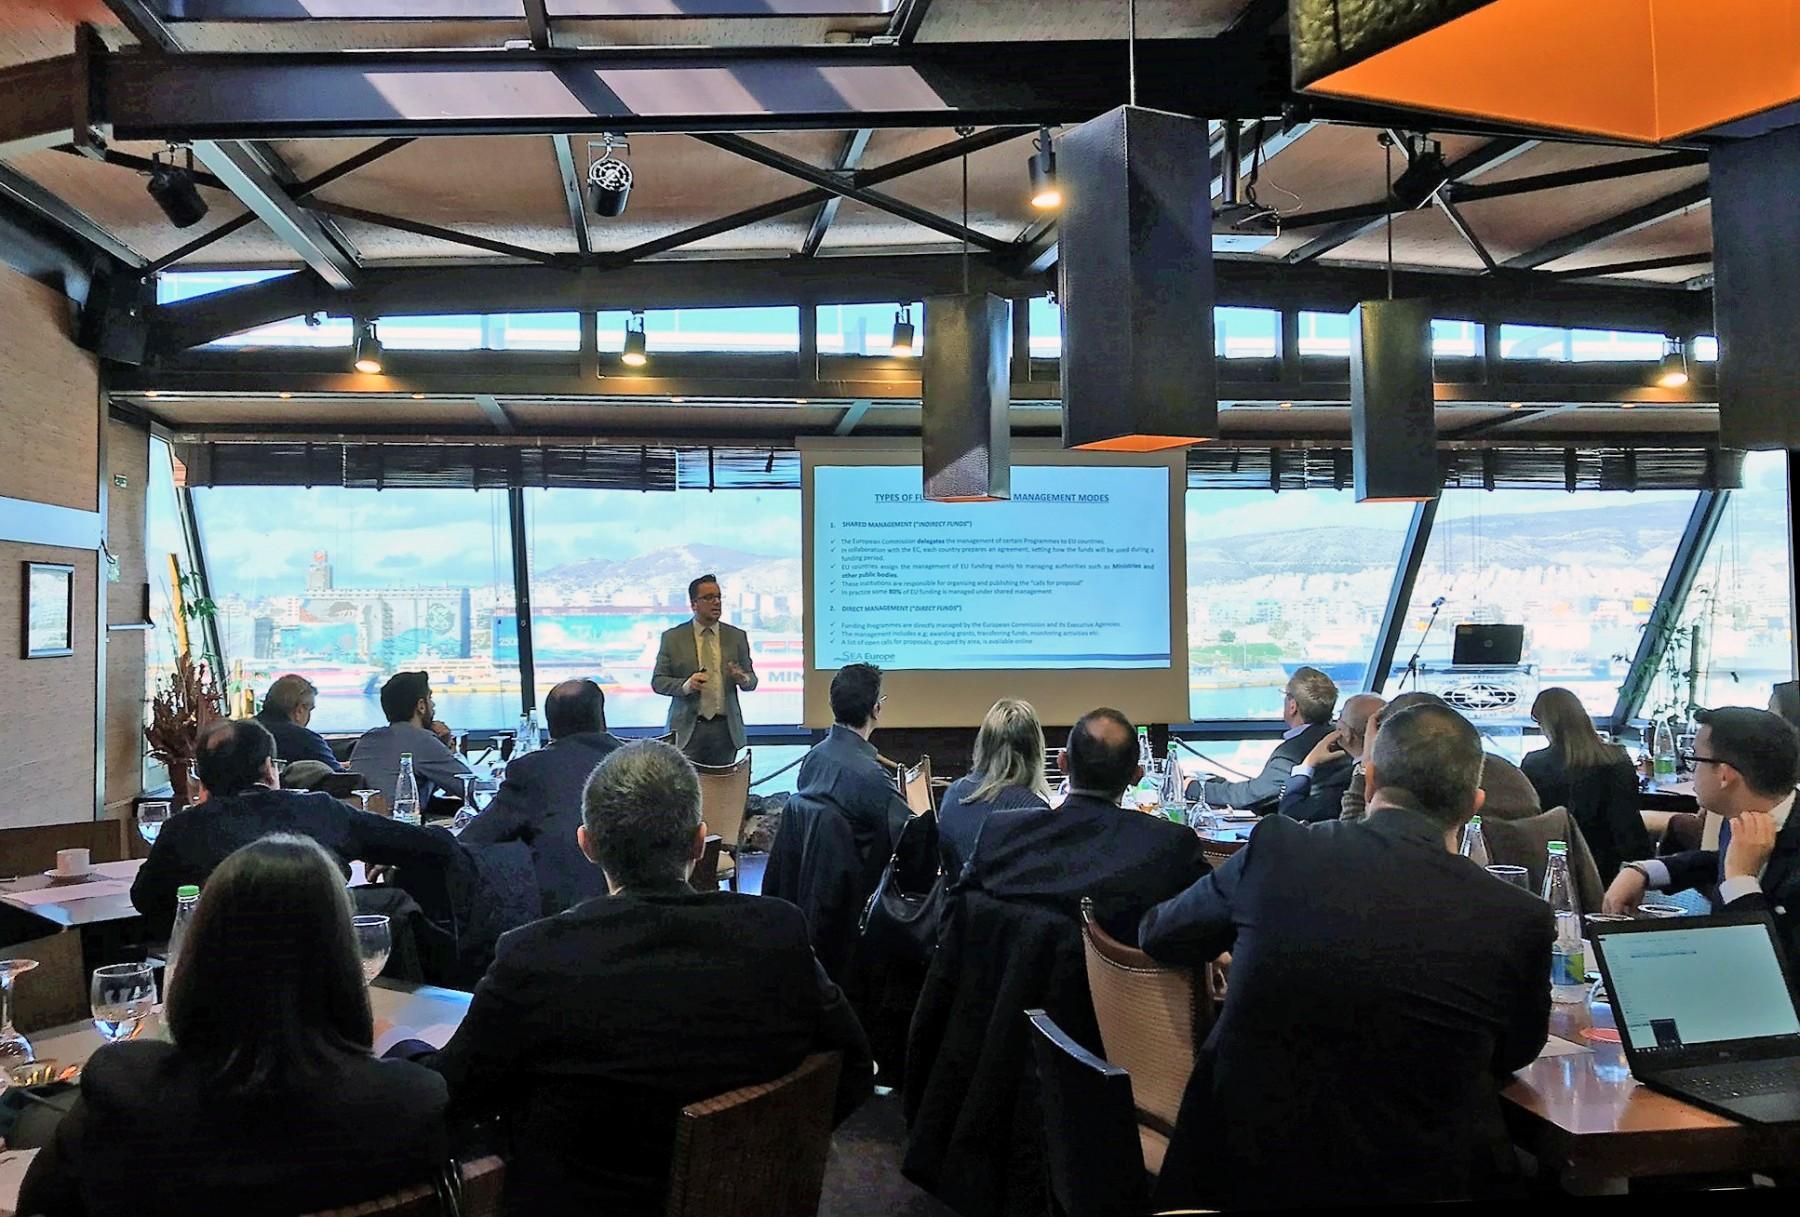 ΗΕΜΕΧPO: Ευρωπαϊκά χρηματοδοτικά προγράμματα για τη θαλάσσια τεχνολογία